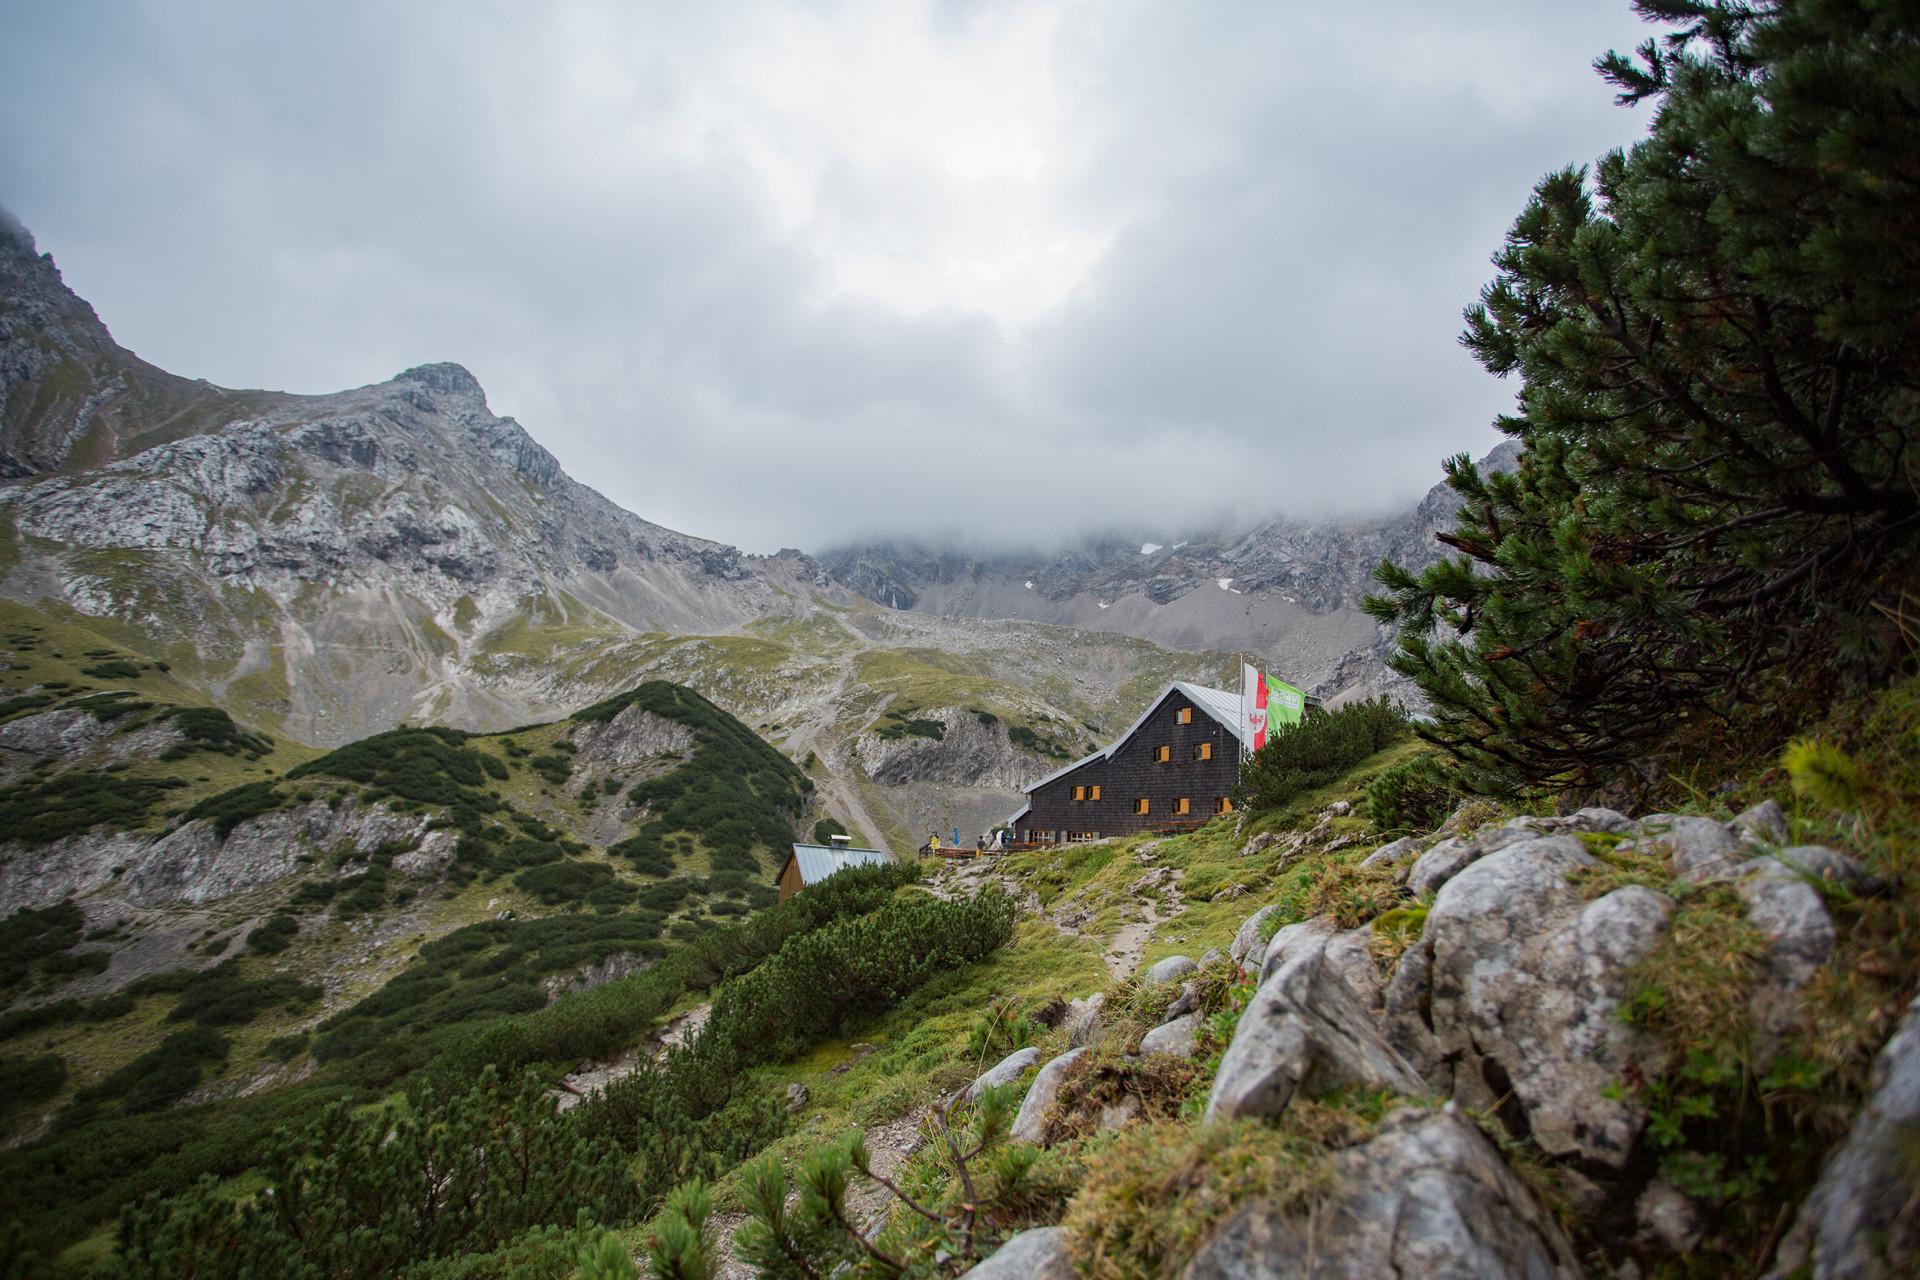 Die Coburger Hütte liegt idyllisch zwischen Wald und Bergen.